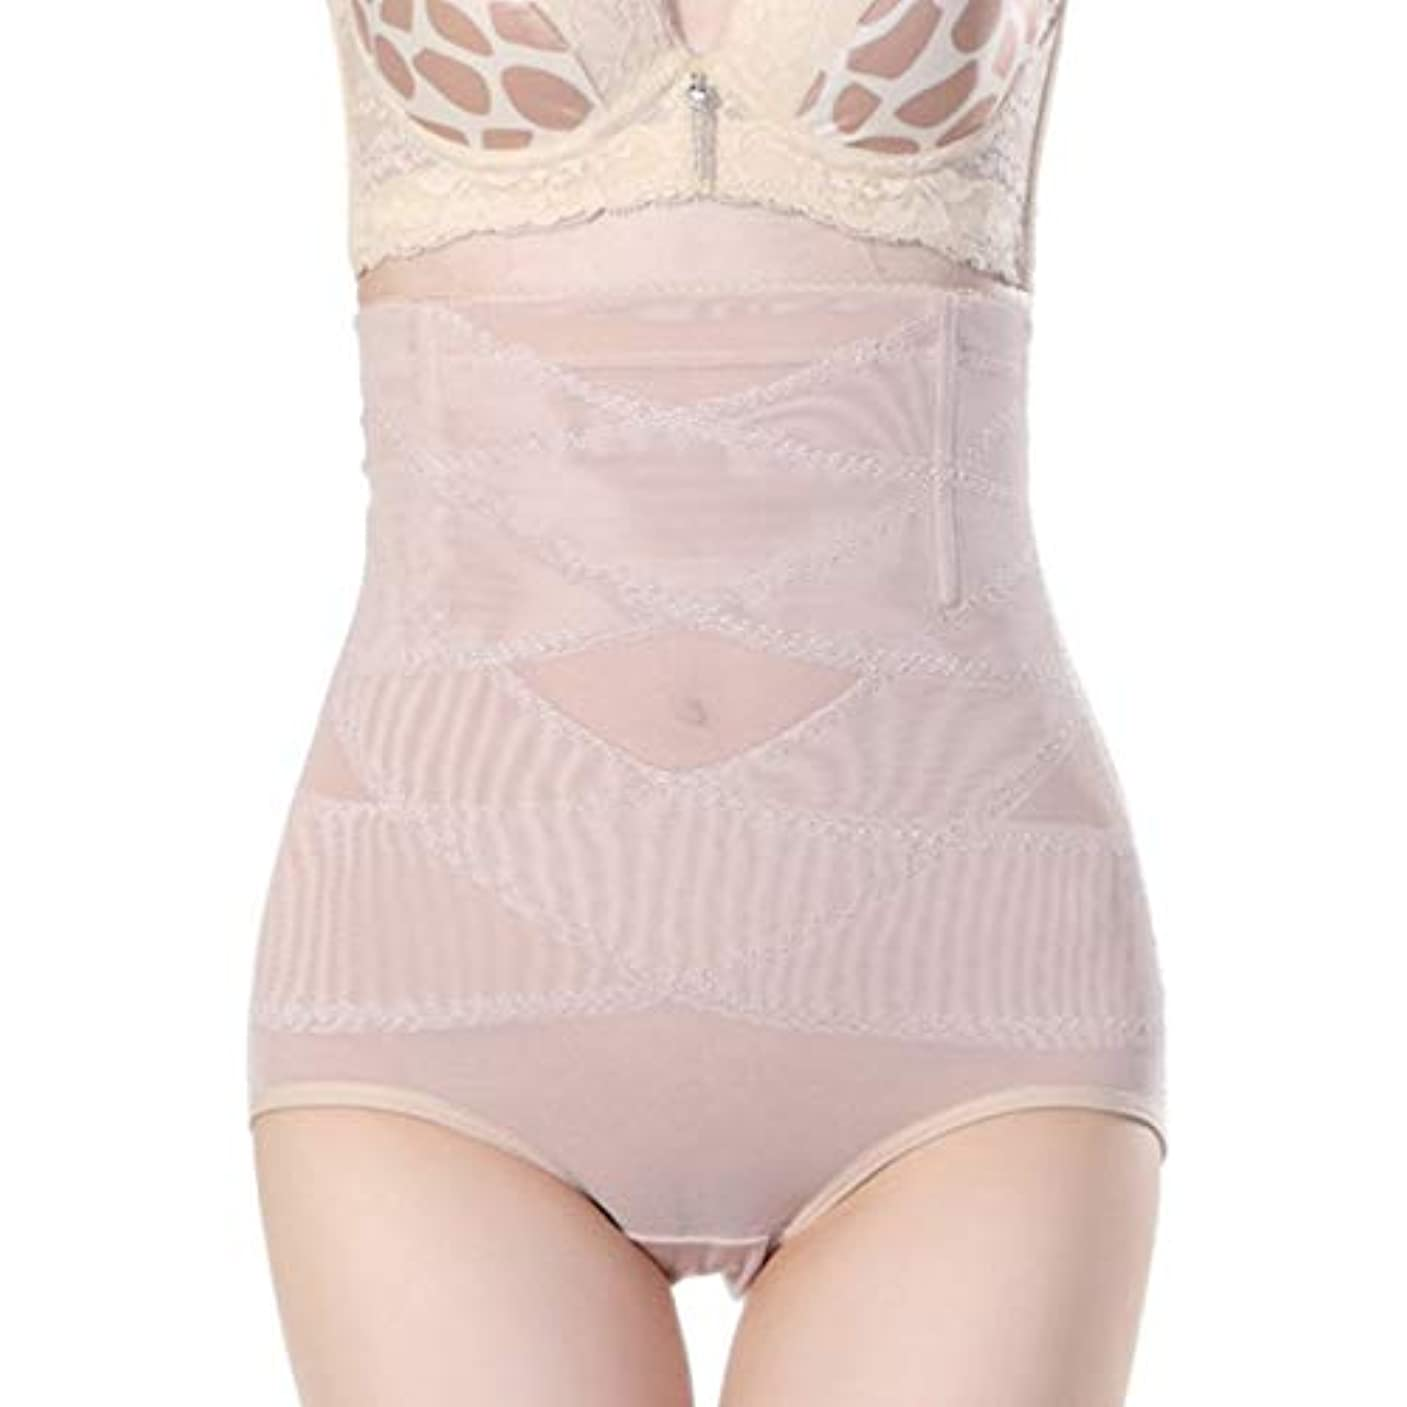 マット旋律的編集する腹部制御下着シームレスおなかコントロールパンティーバットリフターボディシェイパーを痩身通気性のハイウエストの女性 - 肌色3 XL